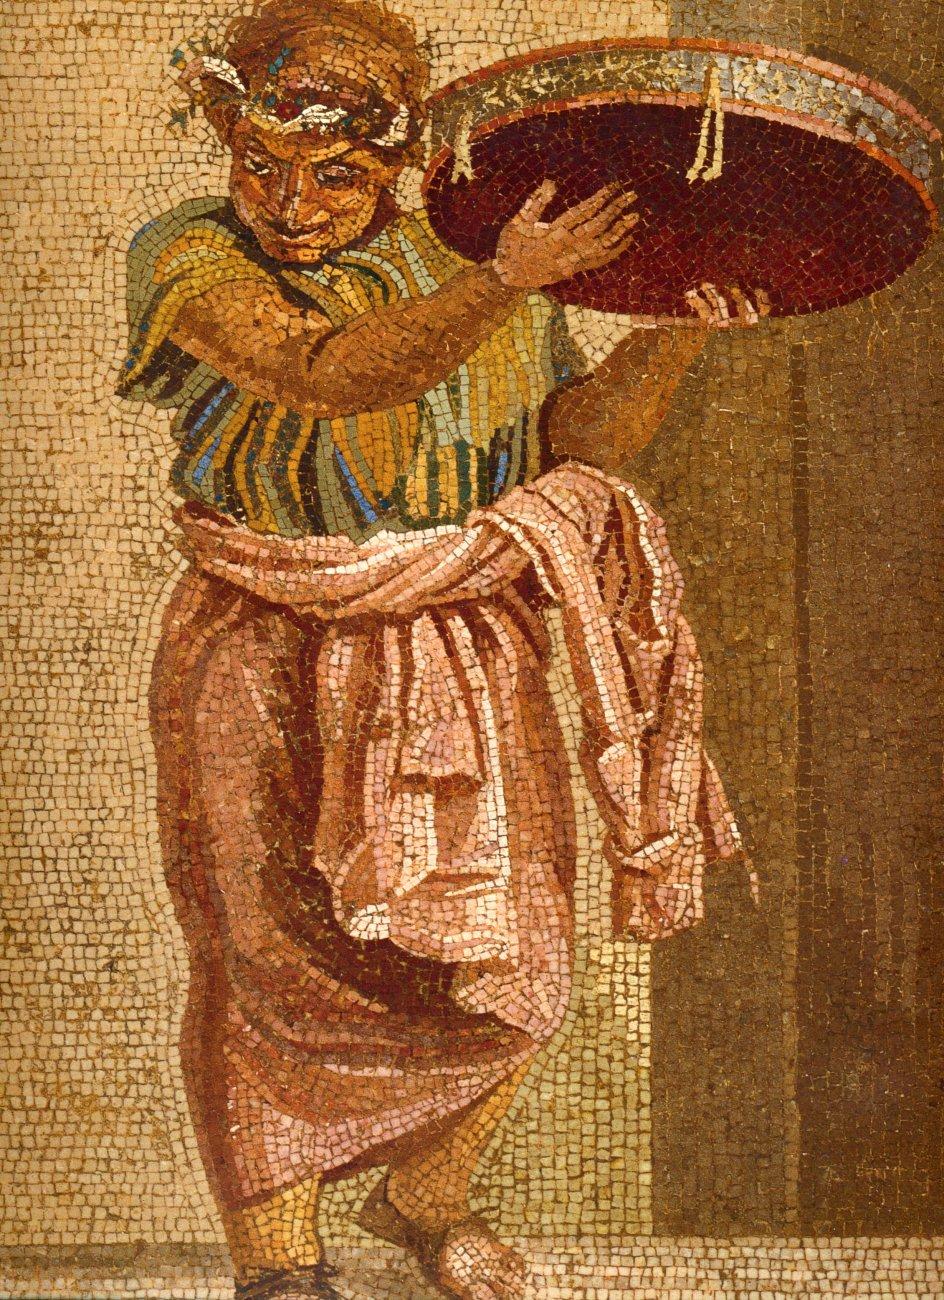 Pompeii_-_Villa_del_Cicerone_-_Street_Musicians_Detail_3_-_MAN.jpg